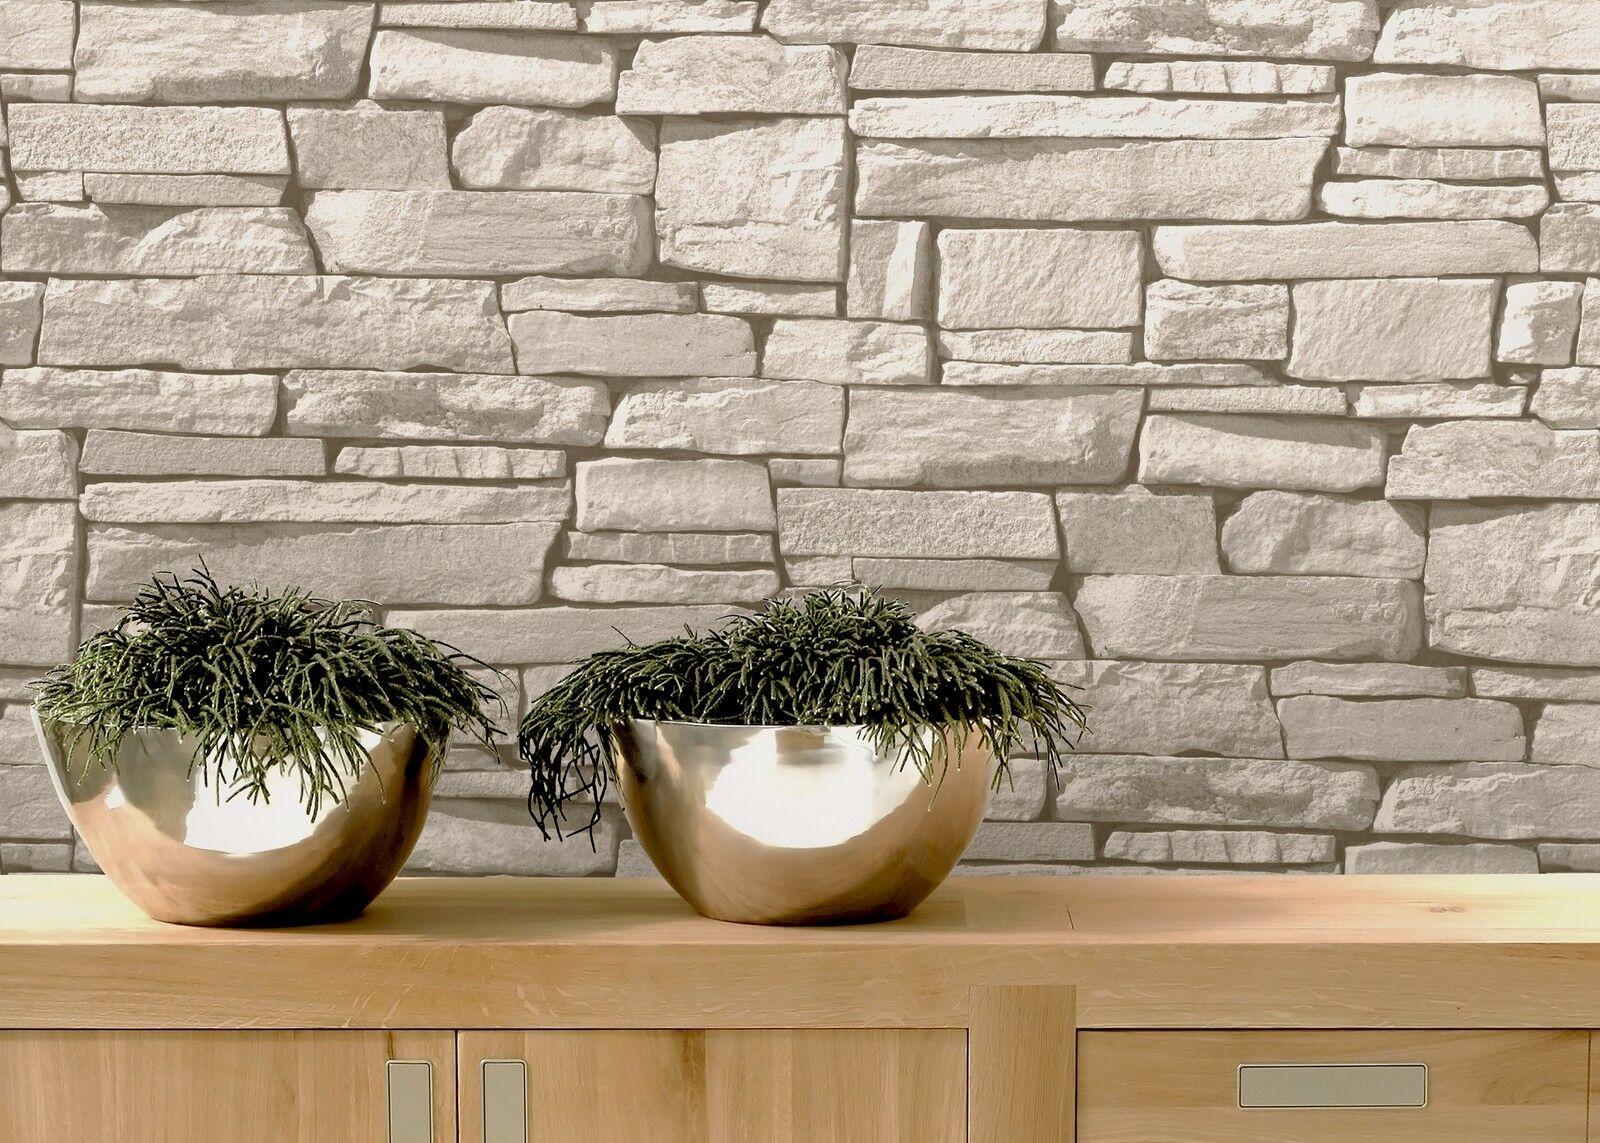 vlies tapete bruchstein stein mauer ziegelstein creme grau klinker grandeco ebay. Black Bedroom Furniture Sets. Home Design Ideas